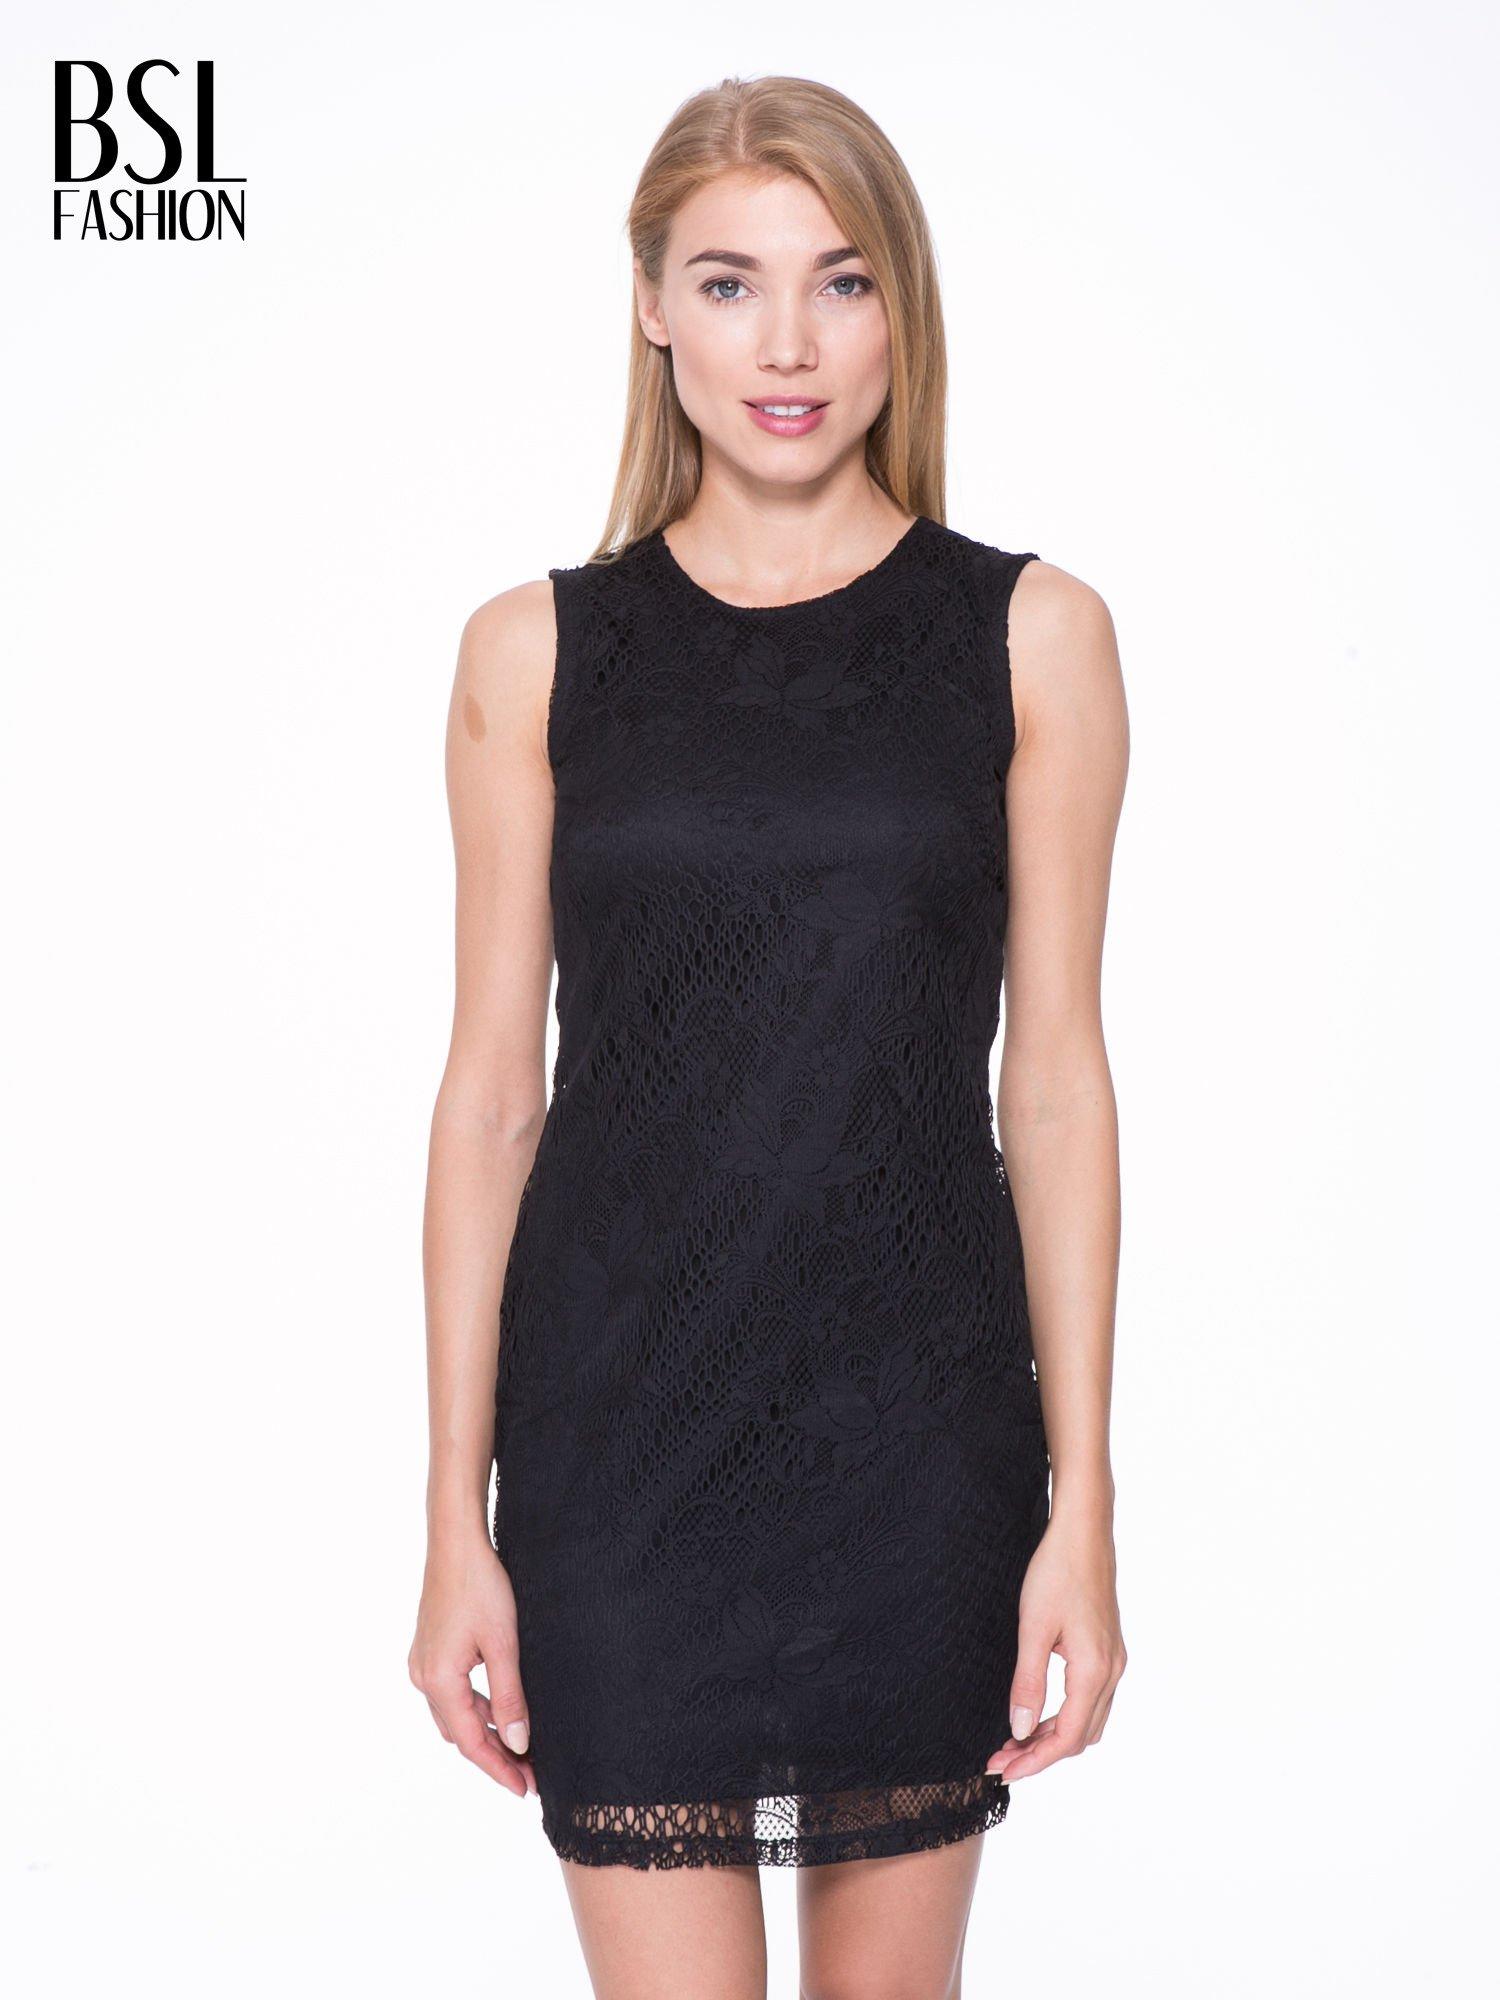 2a3f790e9f Czarna koronkowa sukienka z wycięciem na plecach - Sukienka ...